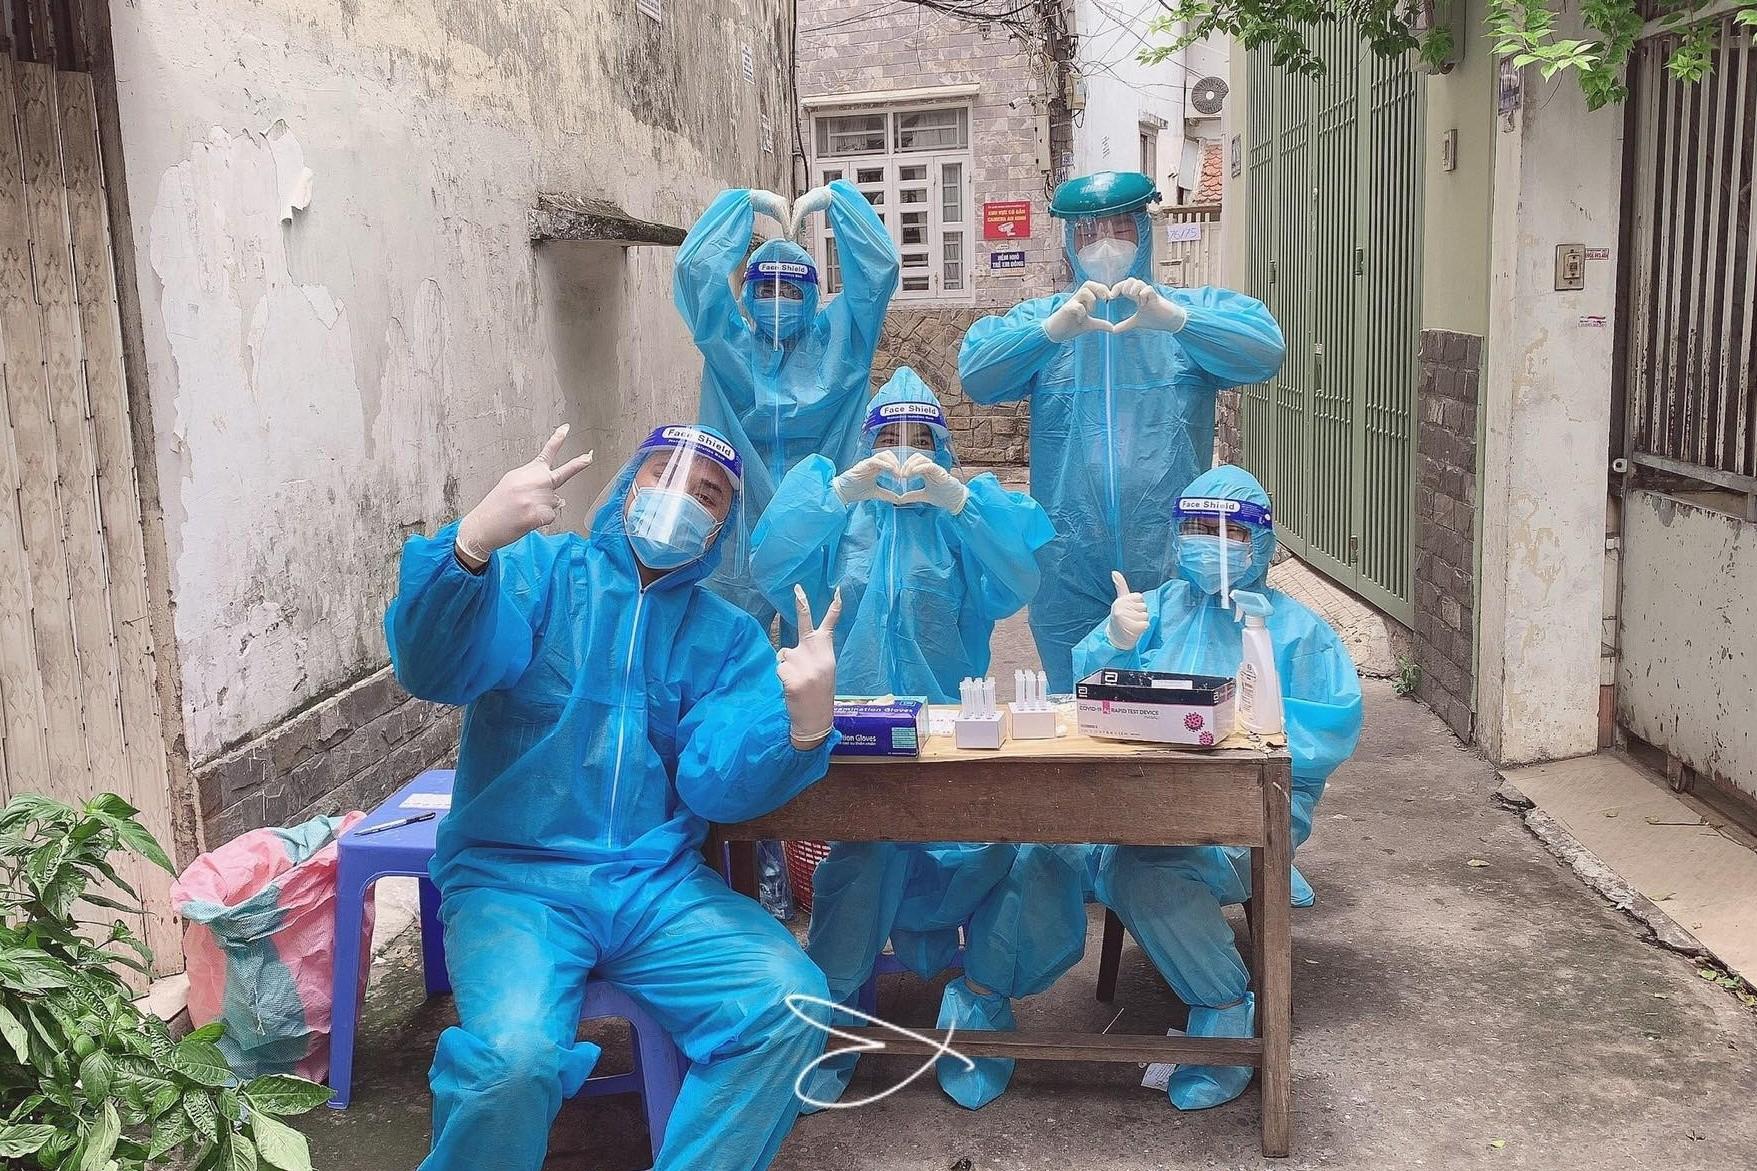 Nam tiếp viên hàng không đi chống dịch Covid-19 ở TP.HCM: 'Mong bố mẹ trên trời sẽ vui'